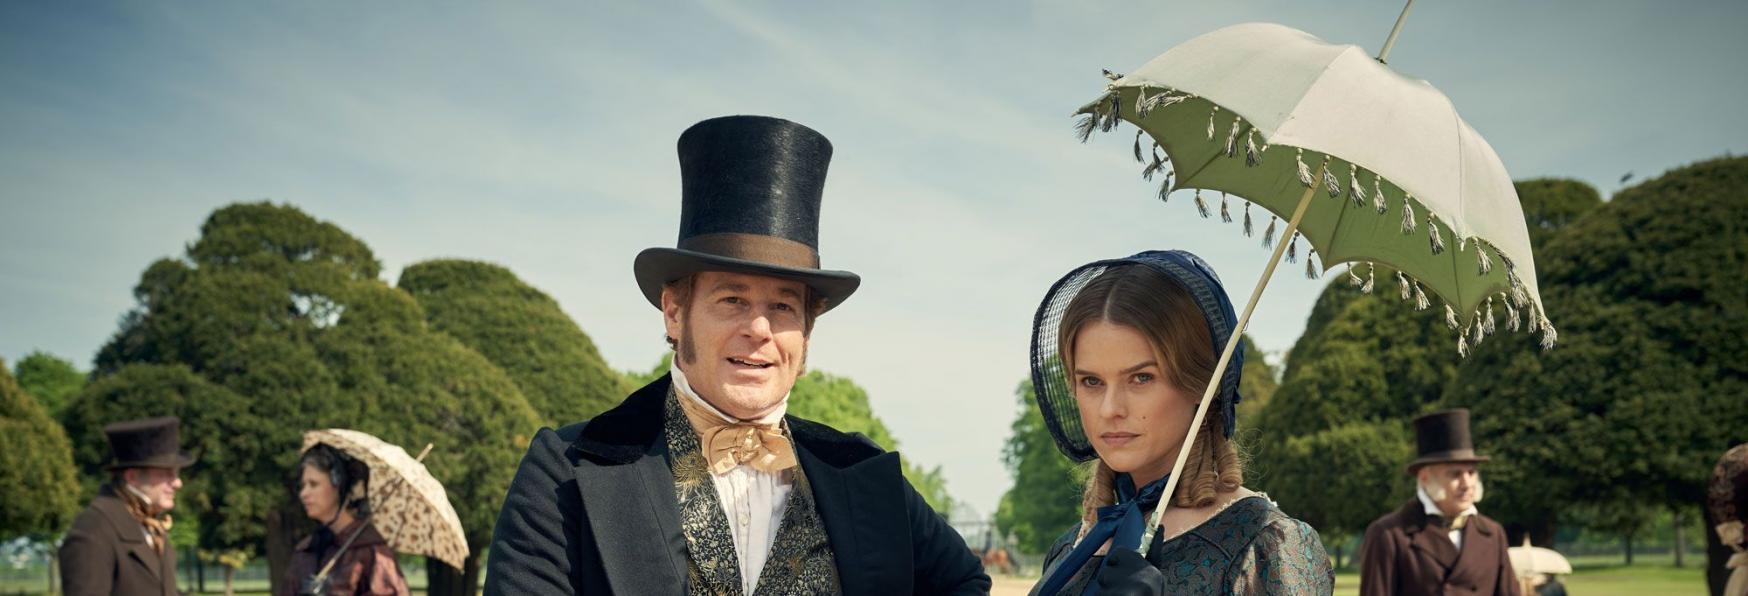 Belgravia: Trama, Cast e Informazioni Note sulla nuova Serie TV targata Epix